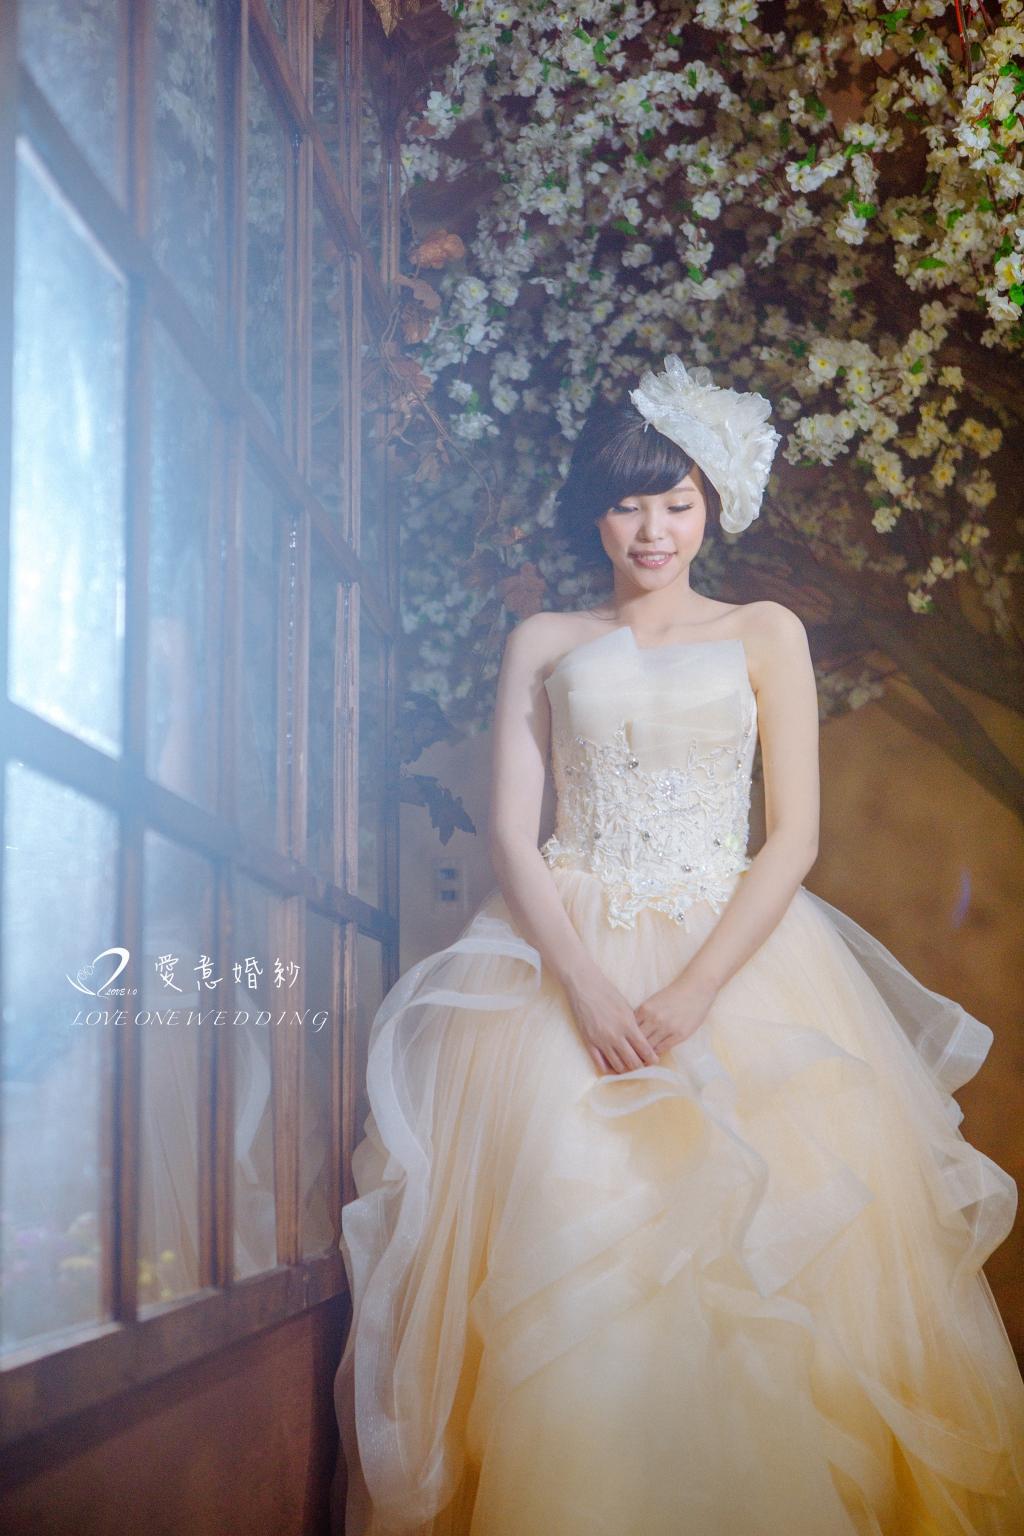 高雄婚紗藝術照51